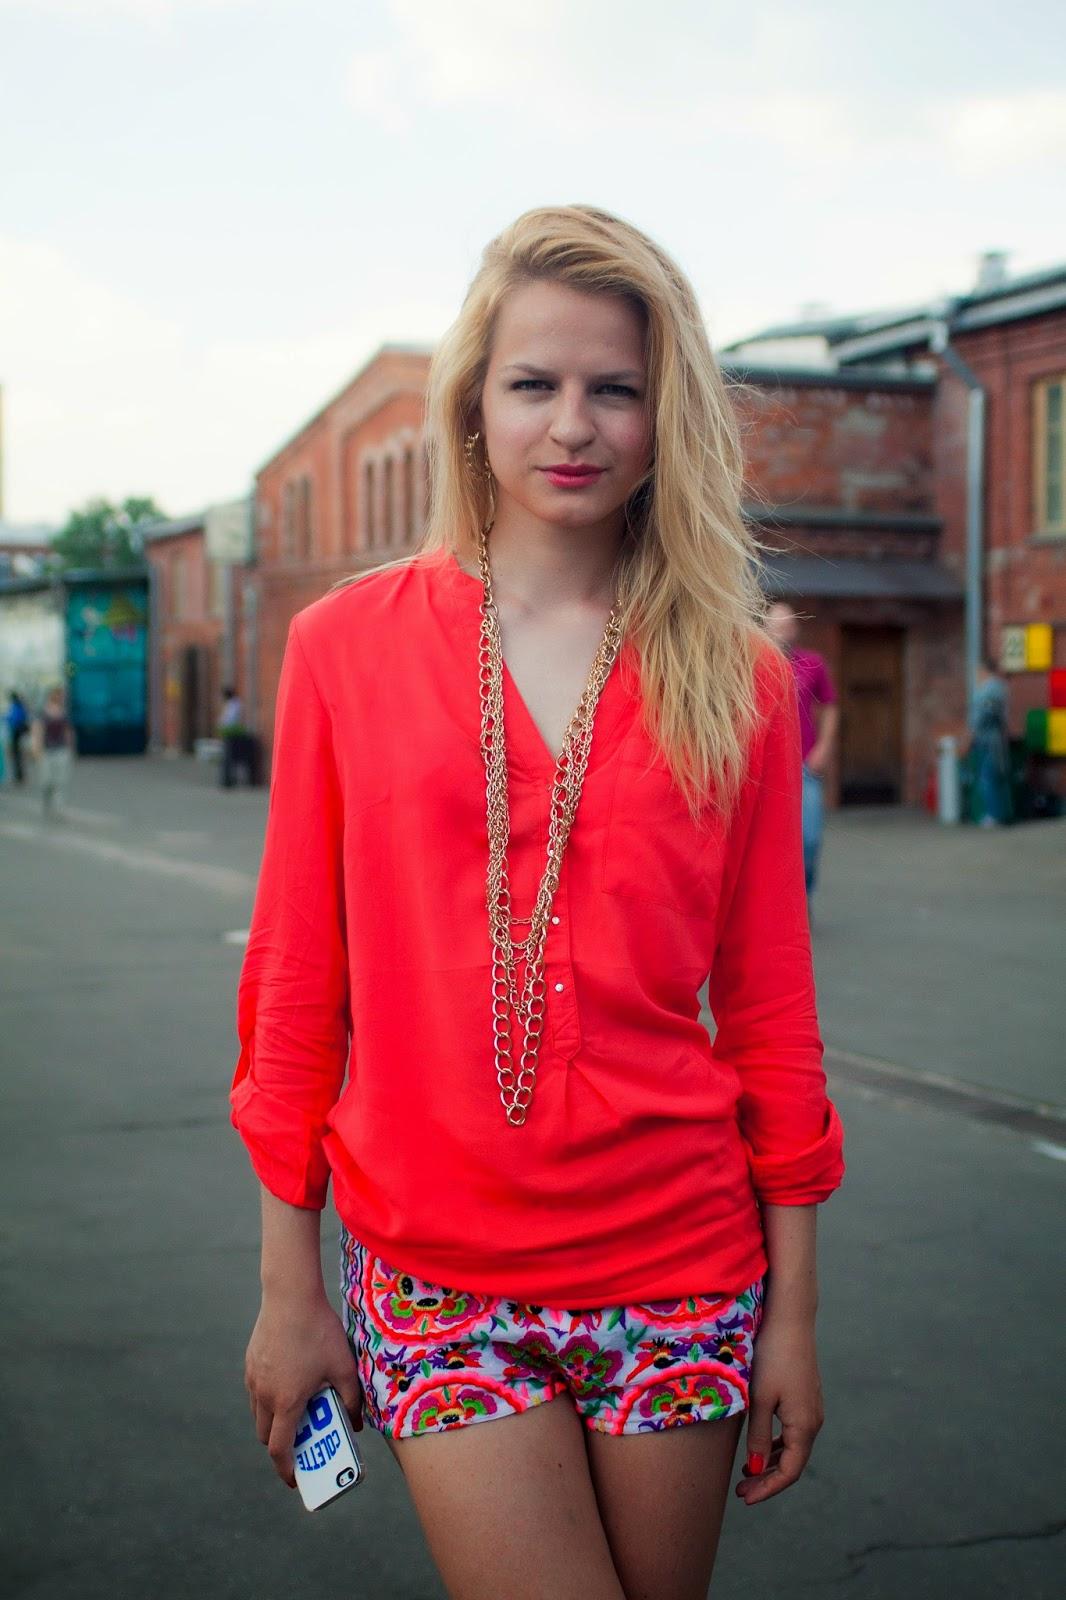 Irina Pavlova, Ирина Павлова, модный блоггер, лучший блоггер,коста мода,летний лук, befere